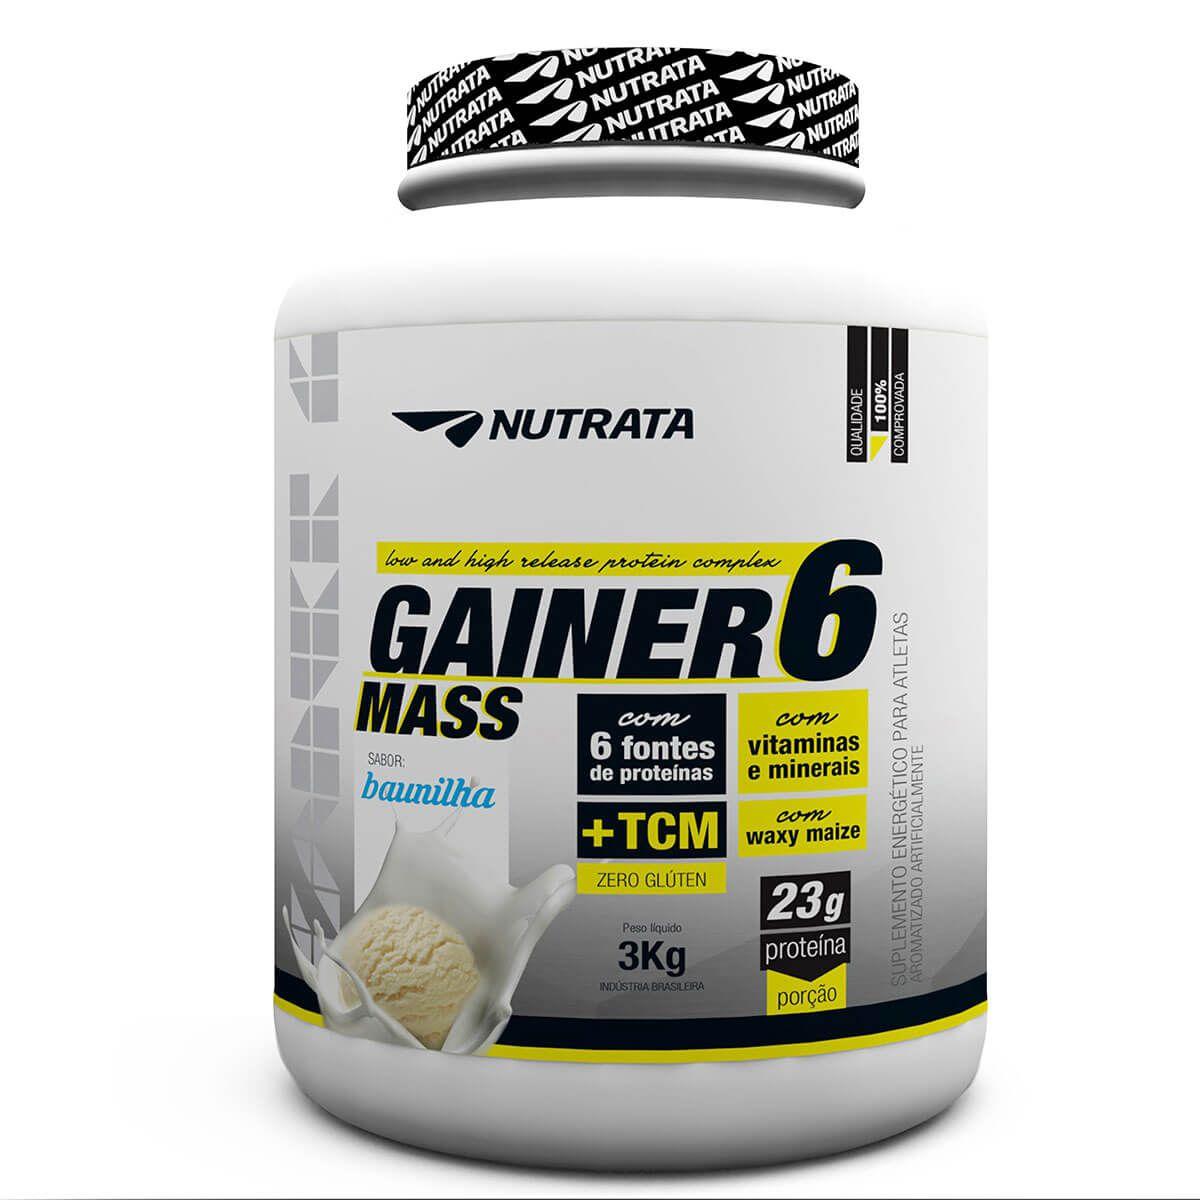 Gainer 6 Mass 3kg Nutrata